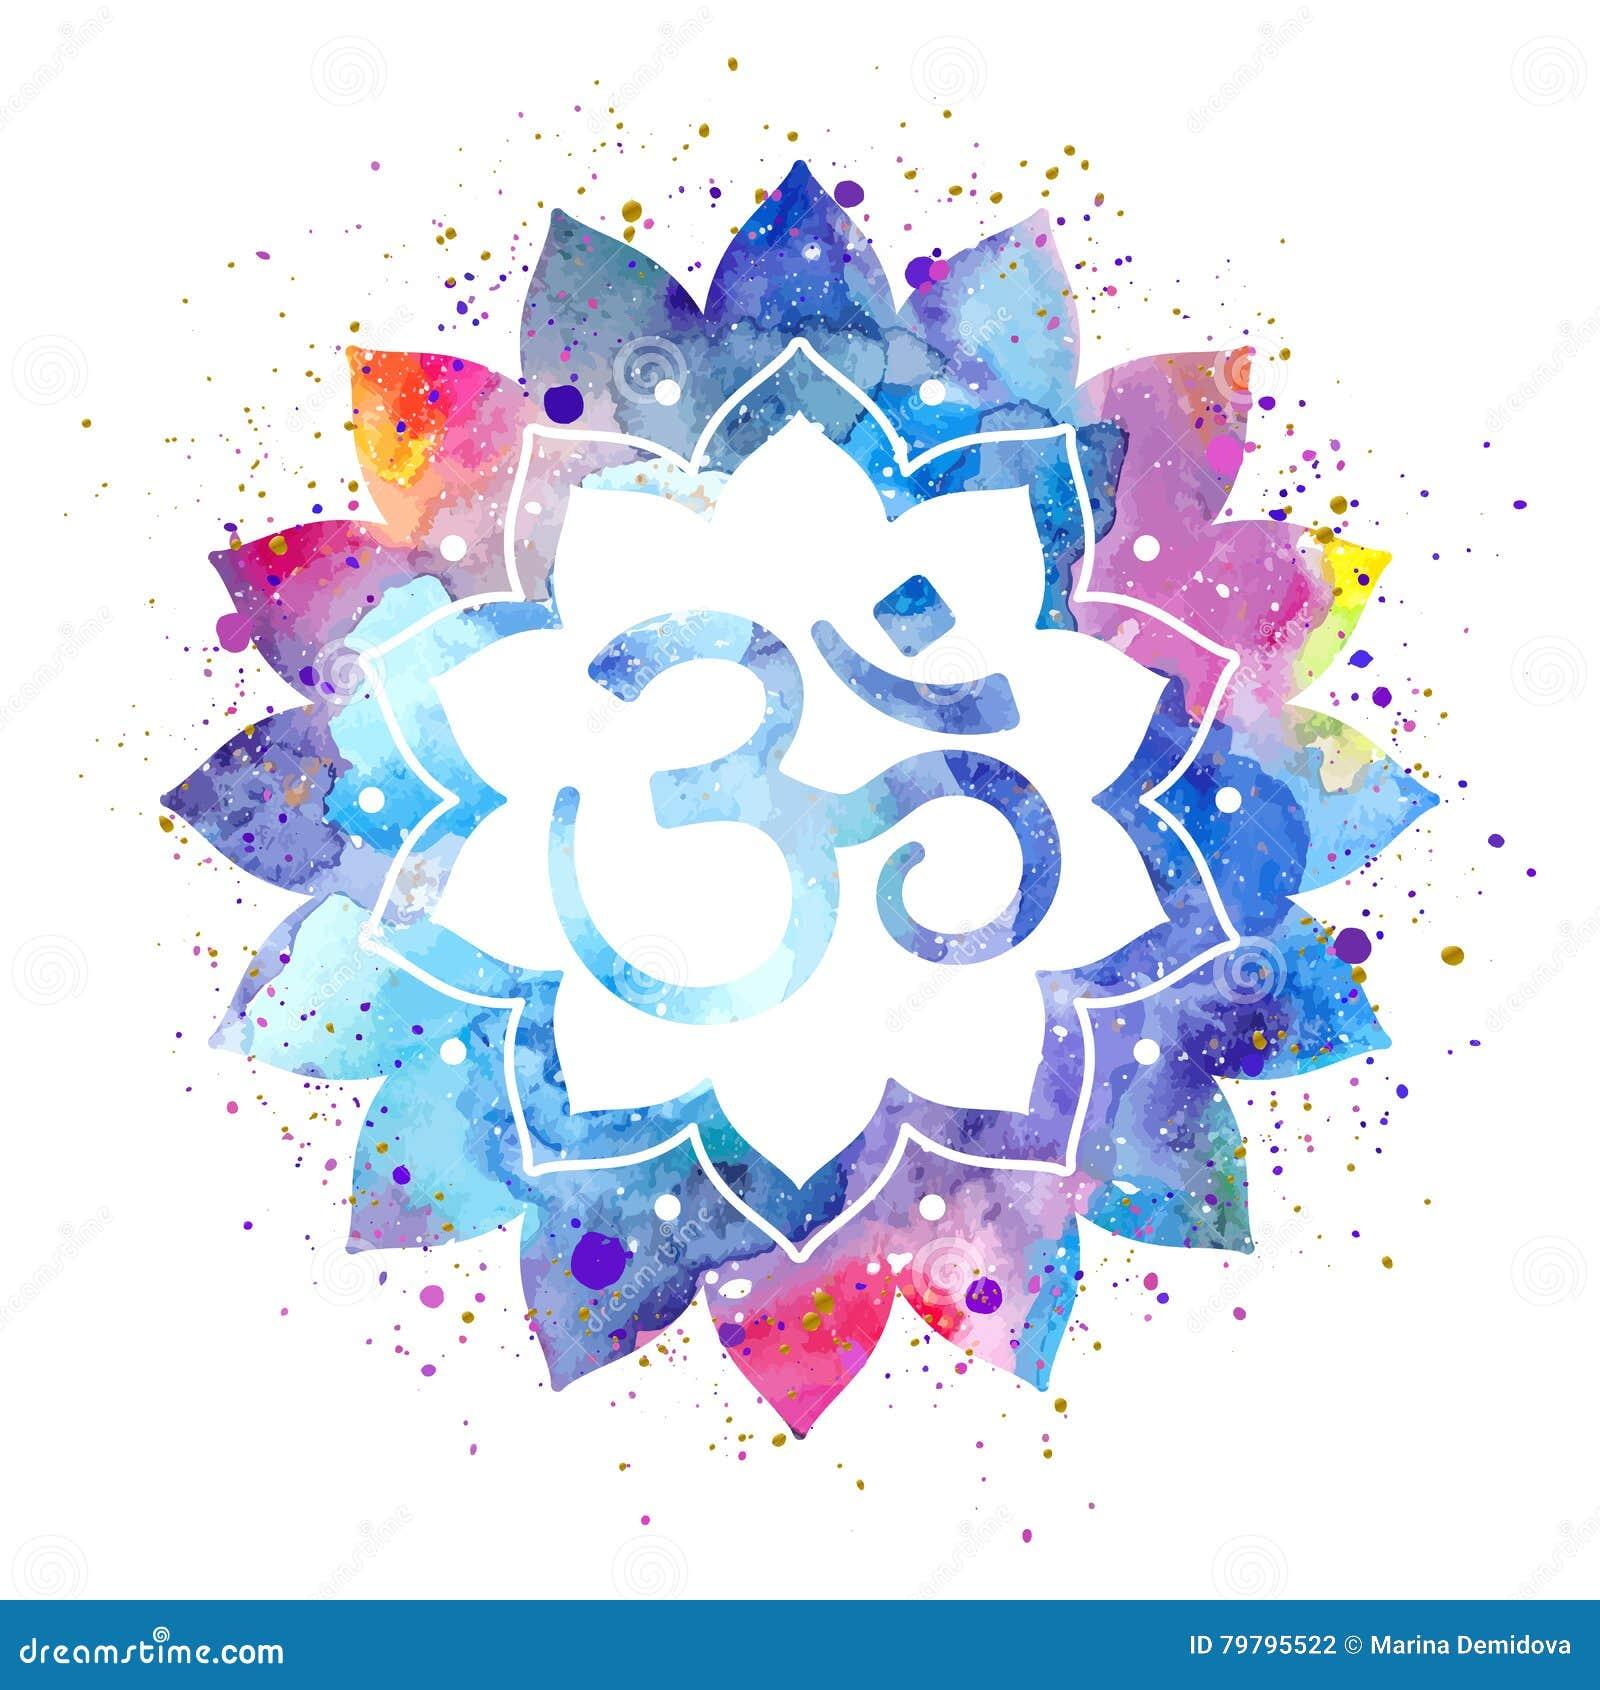 Om Sign In Lotus Flower Stock Vector Illustration Of Spray 79795522